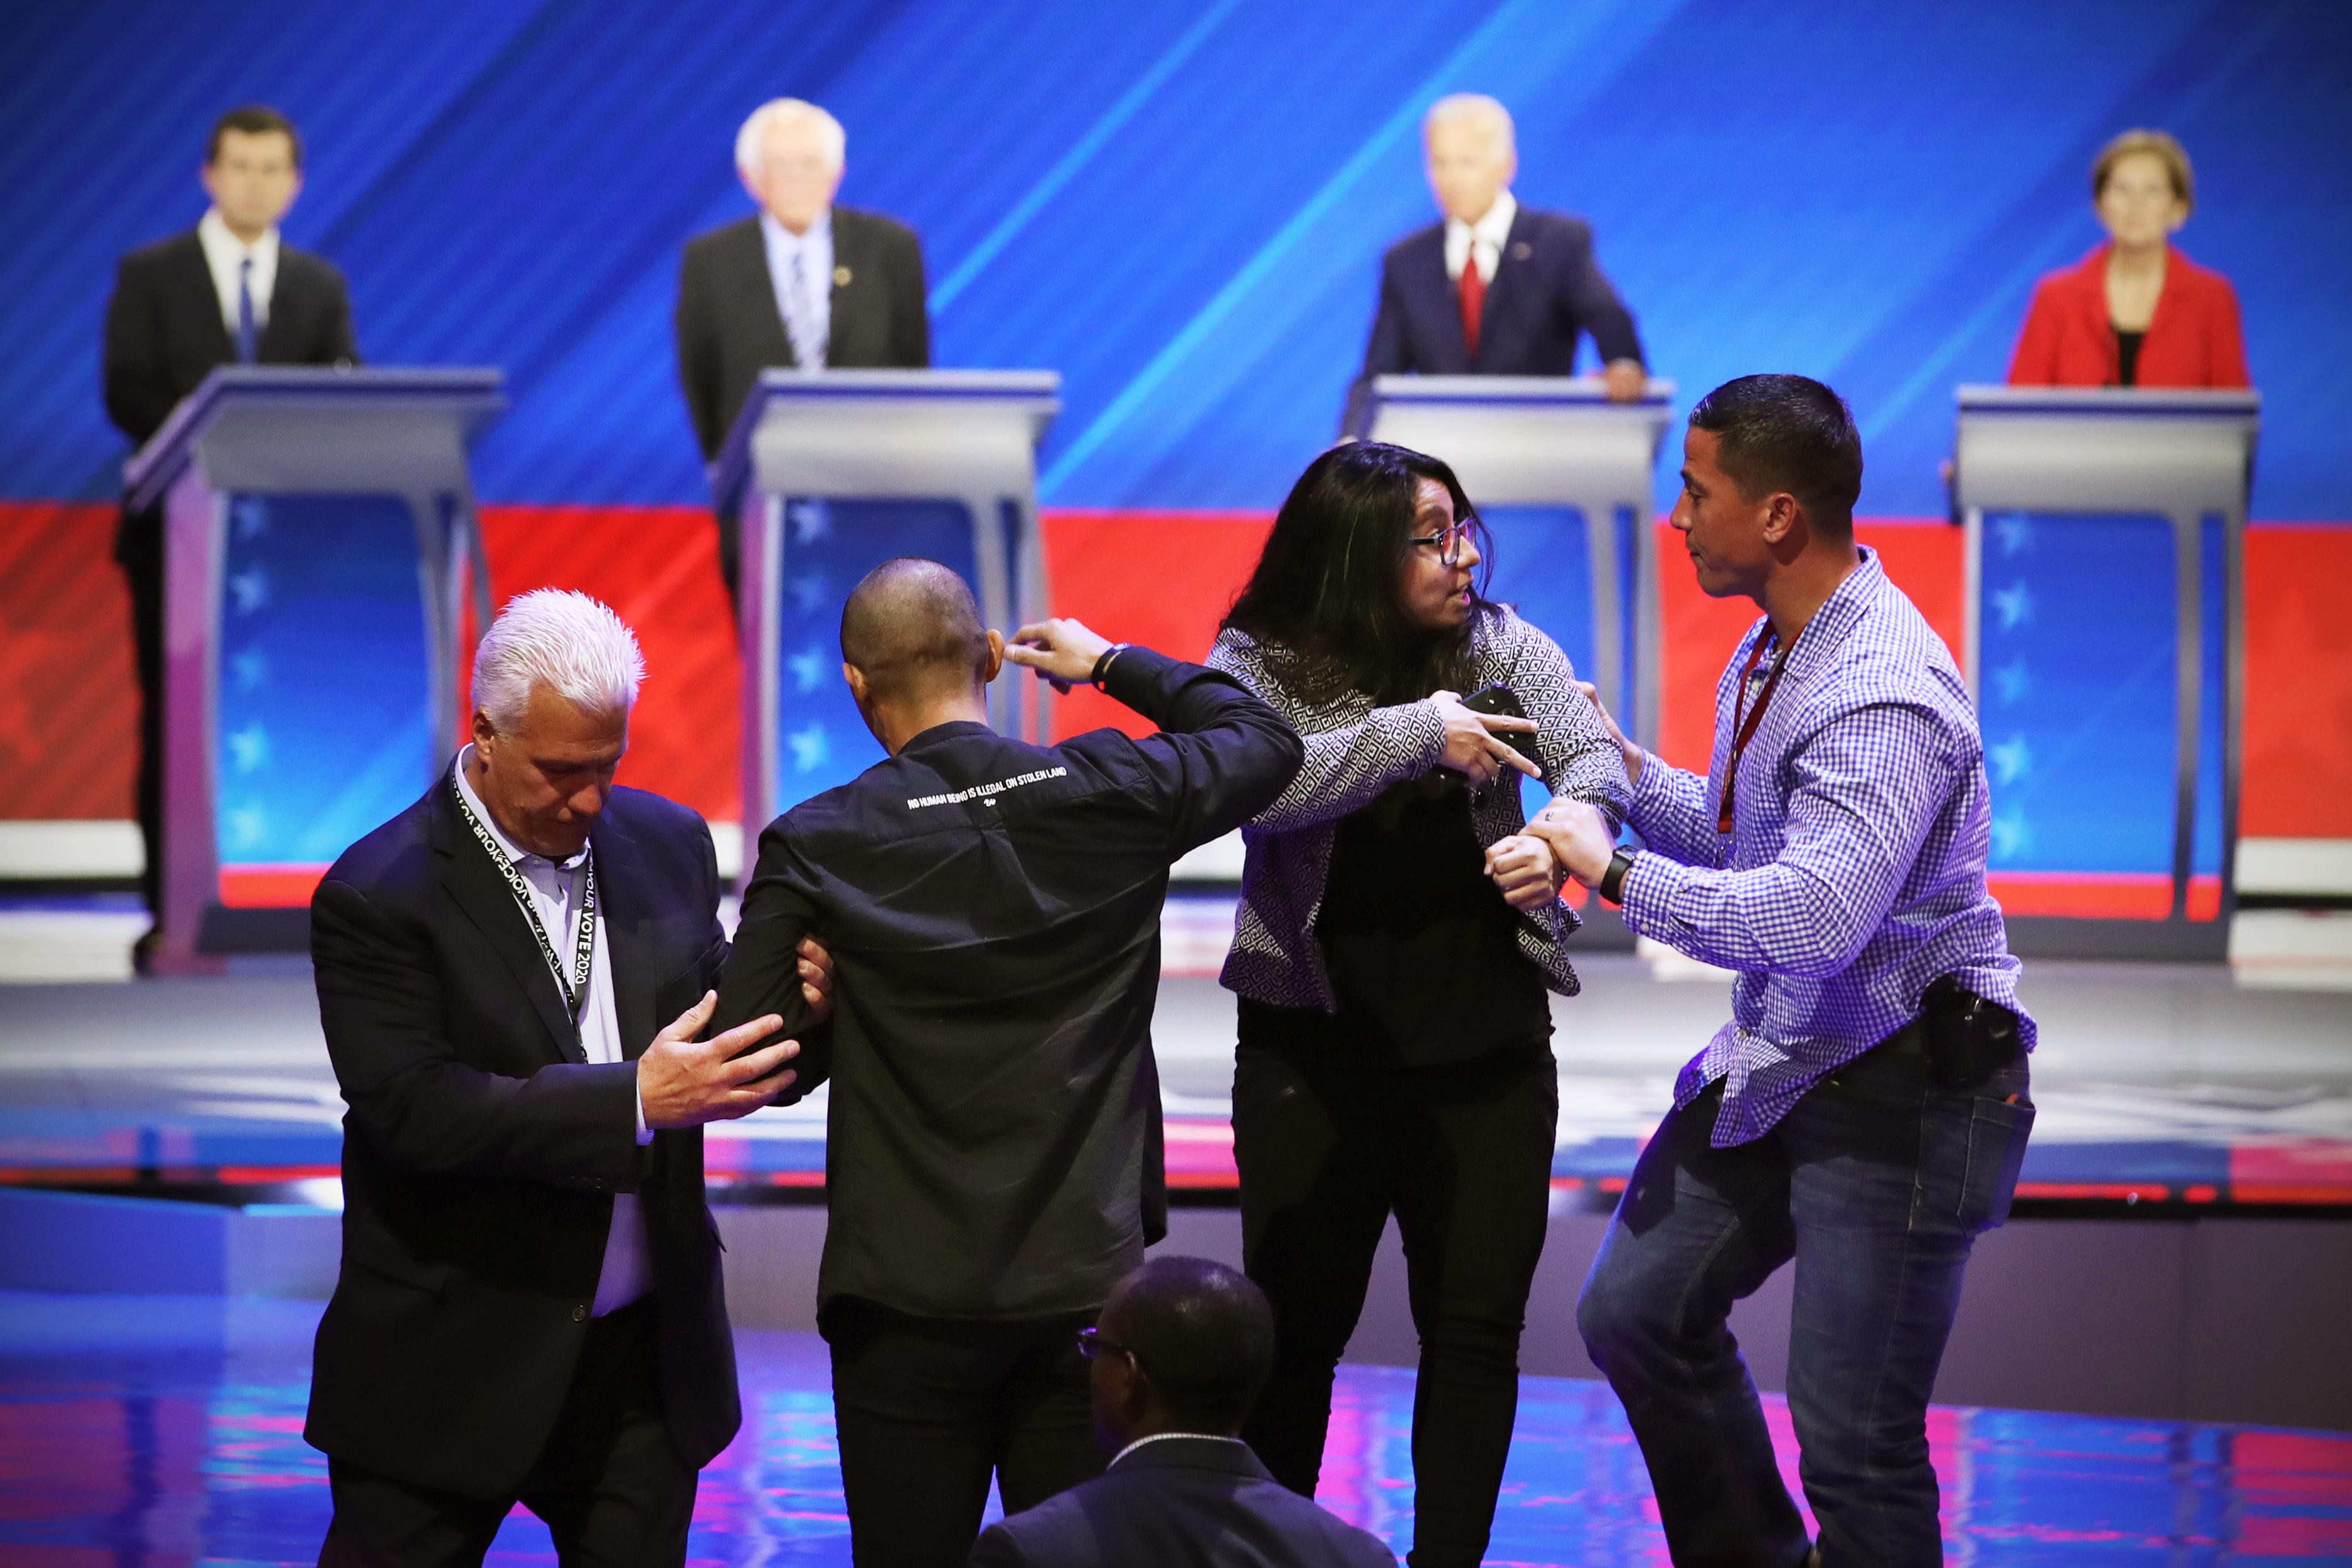 The Democratic debate protesters were DACA recipients